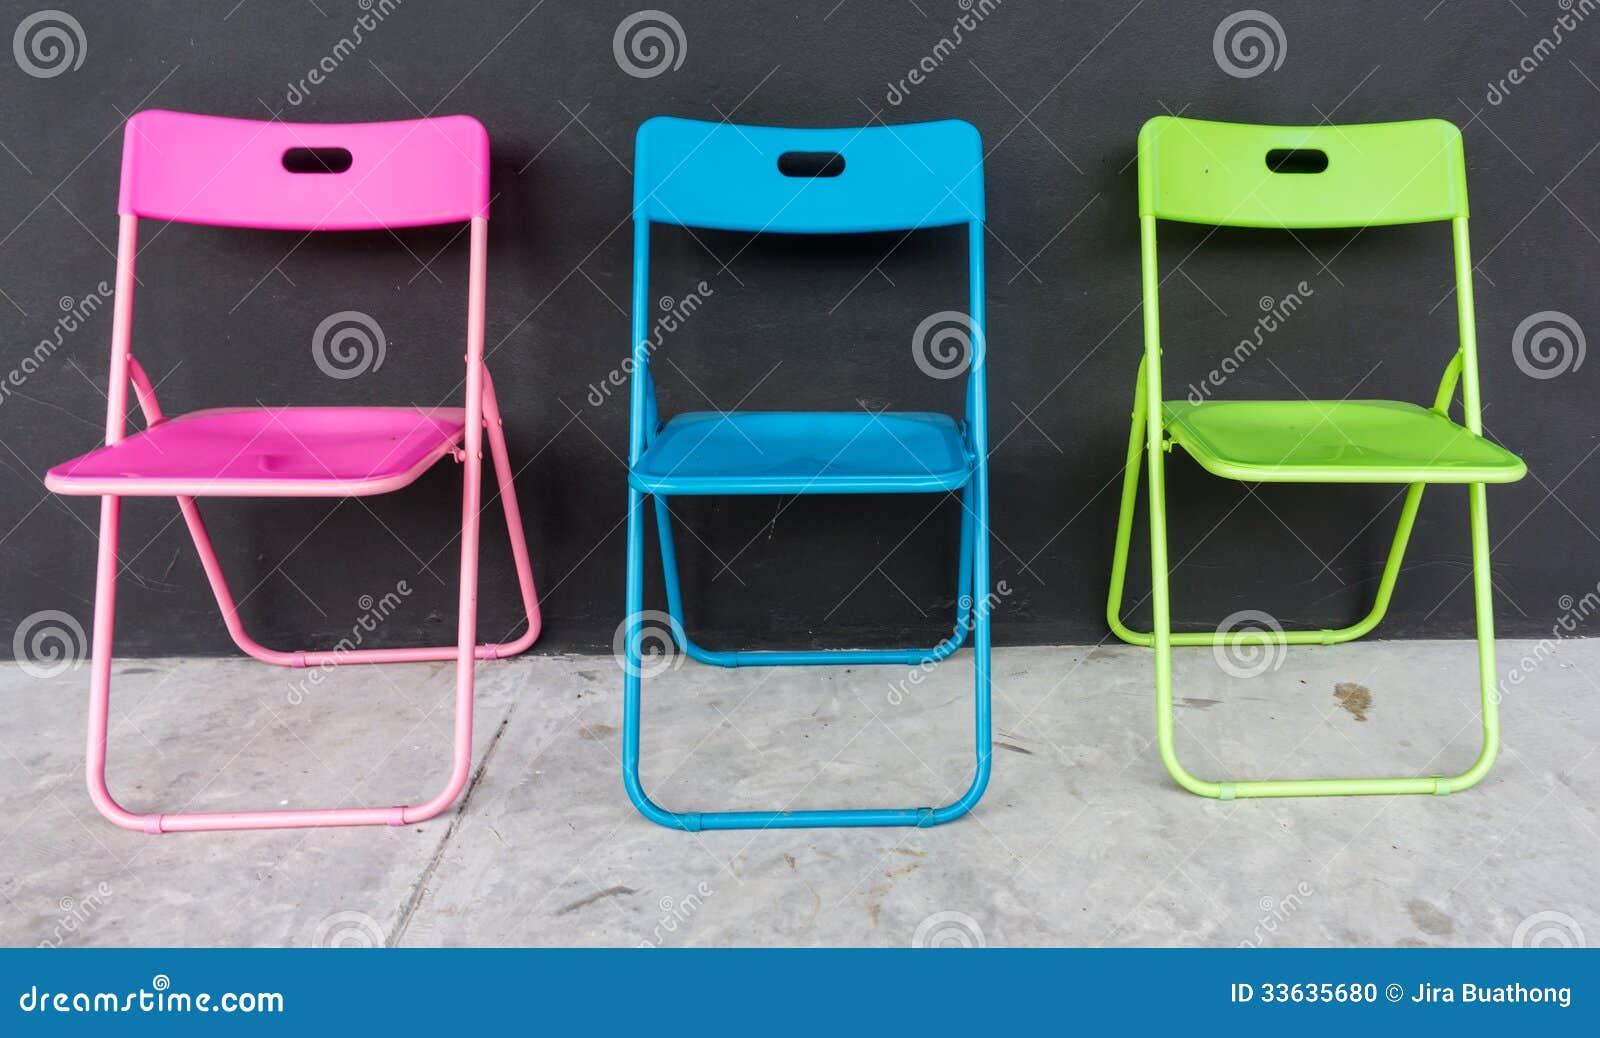 colorée stockImage pliante Chaise photo du bleumétal gYb7f6vy